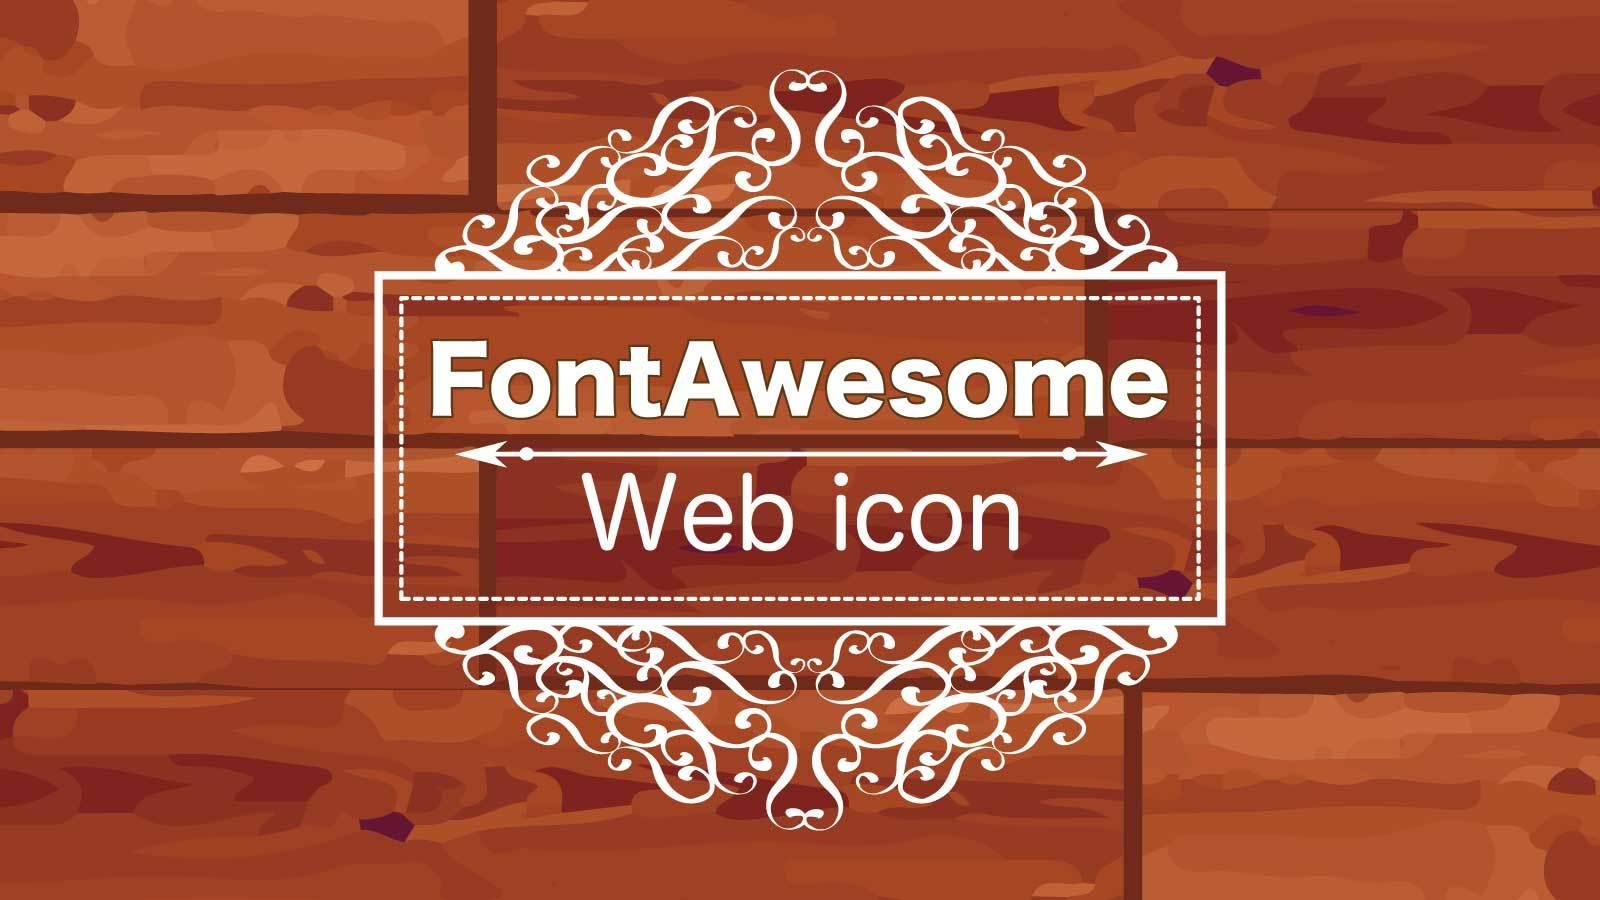 ウェブアイコン「Font Awesome」の使い方